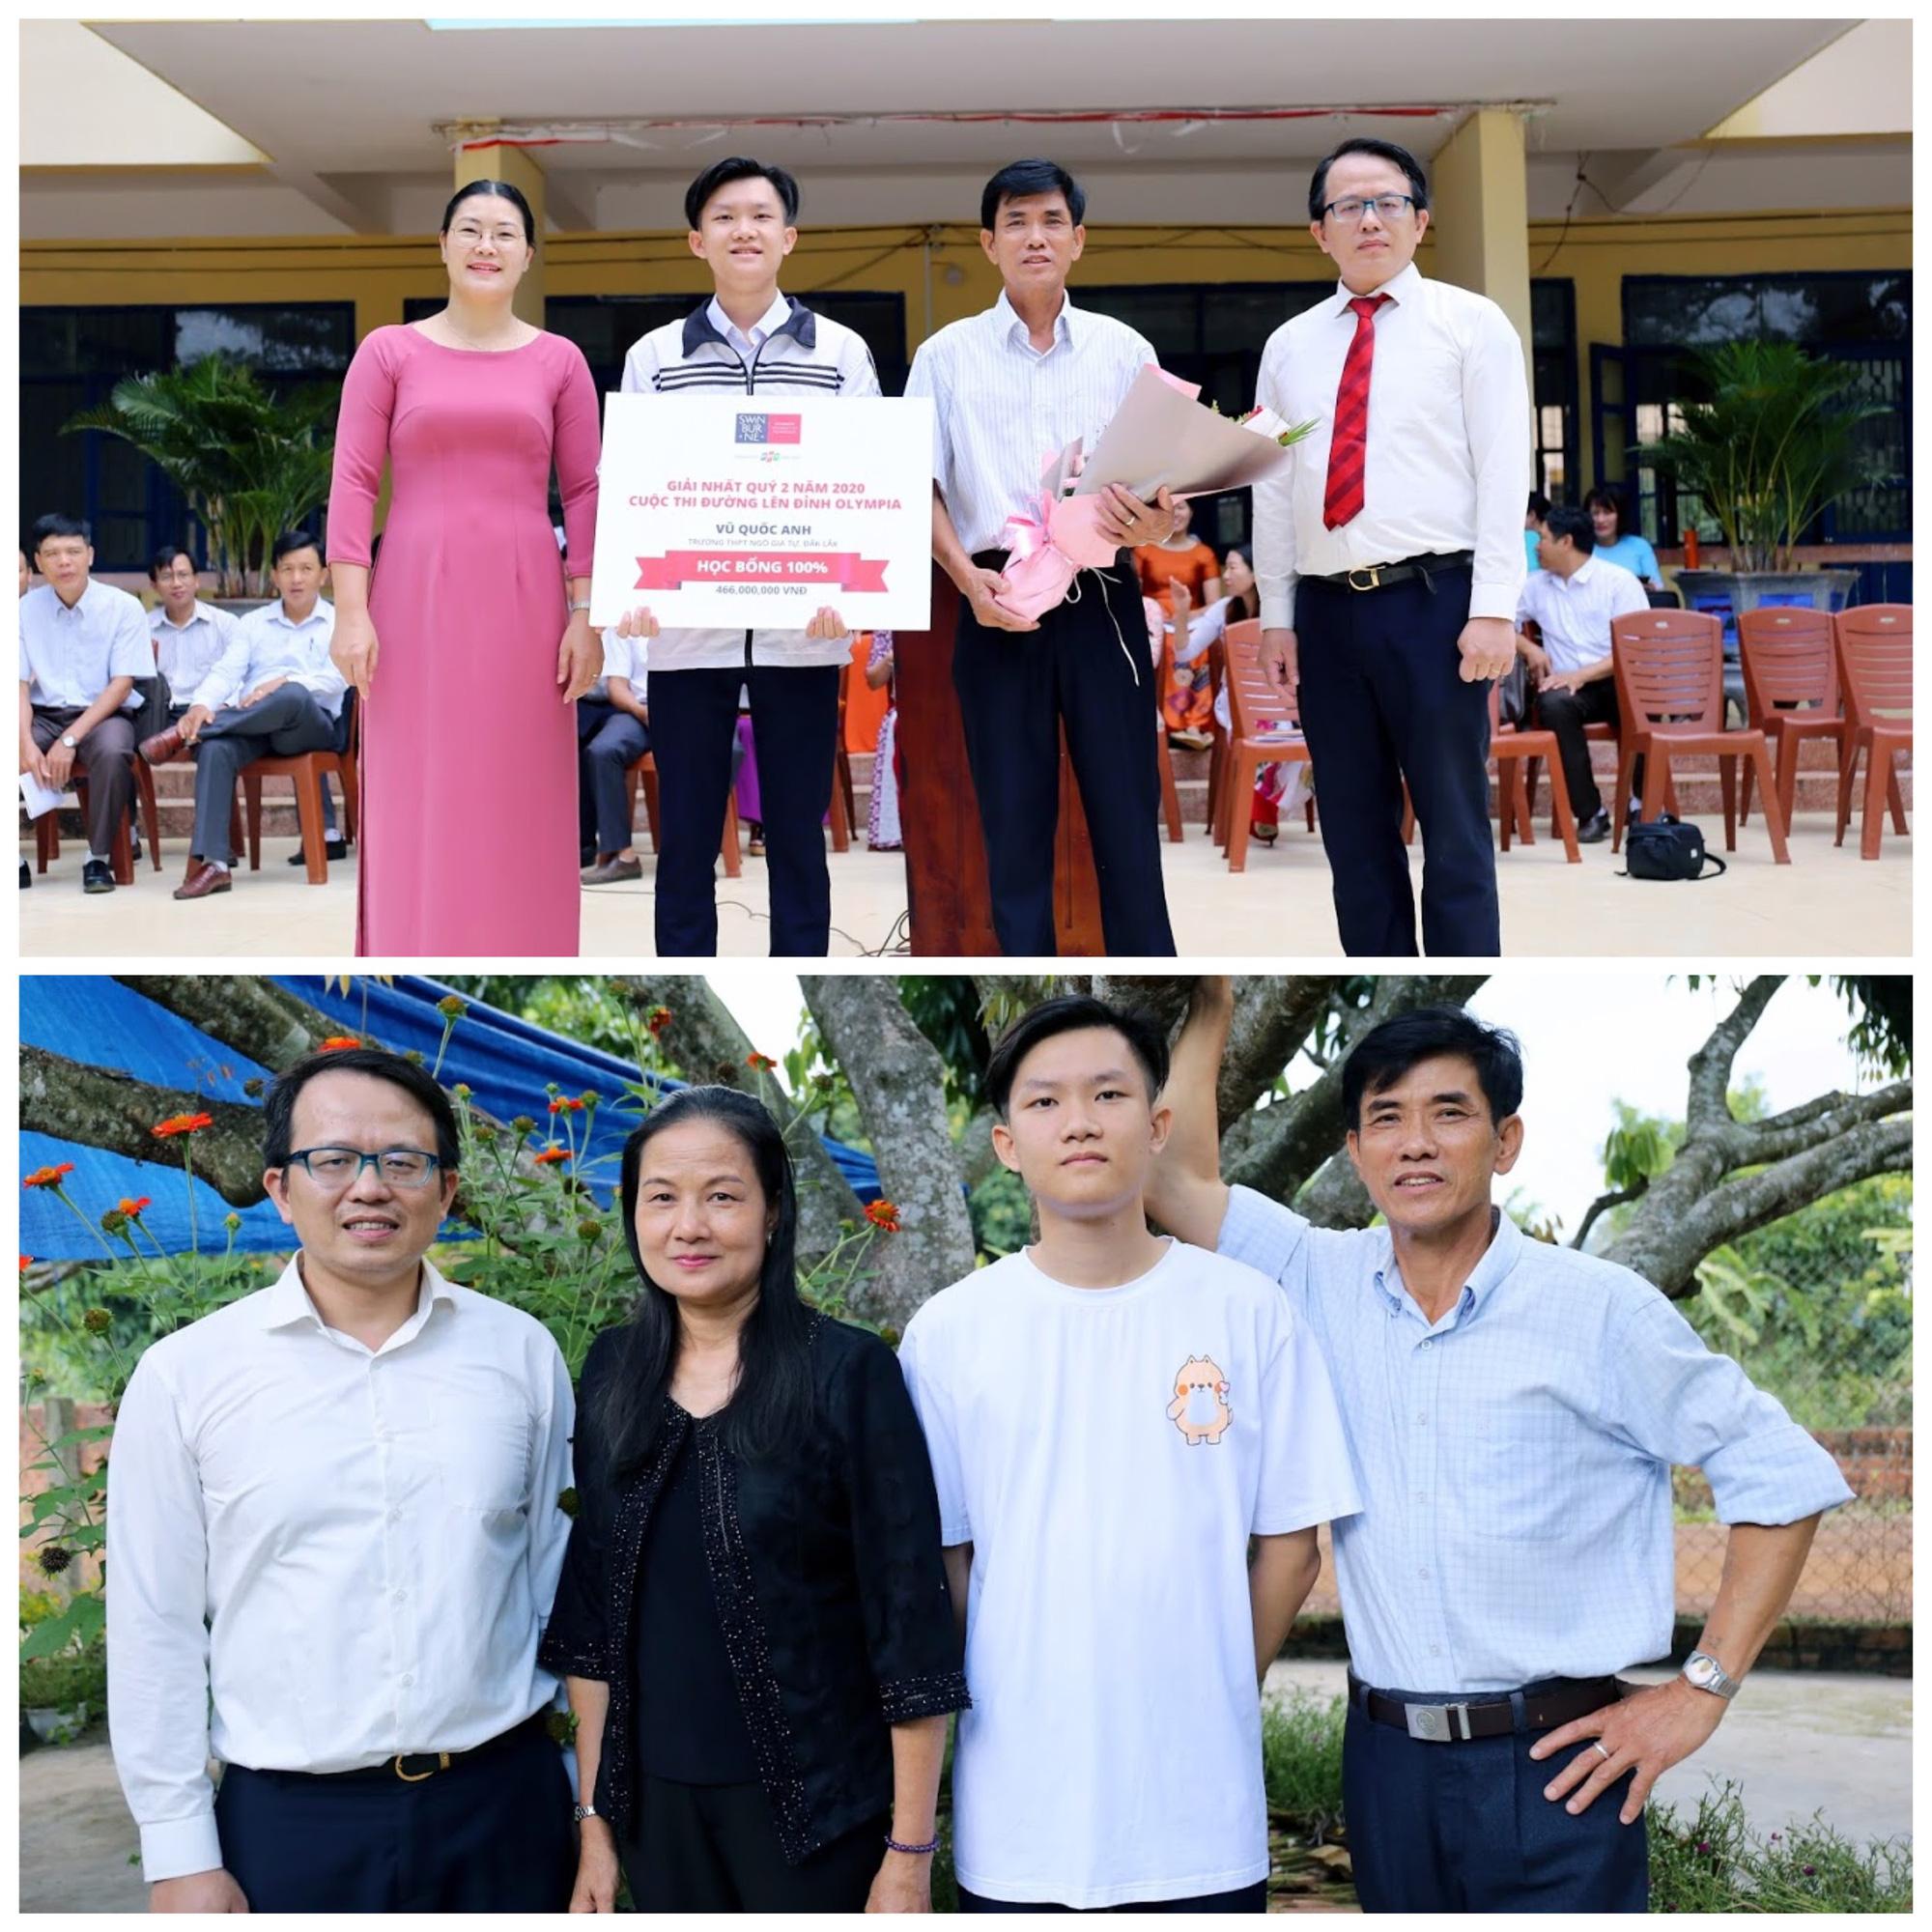 Swinburne Việt Nam trao học bổng gần 2 tỷ đồng cho 4 thí sinh trước vòng chung kết Olympia - Ảnh 5.